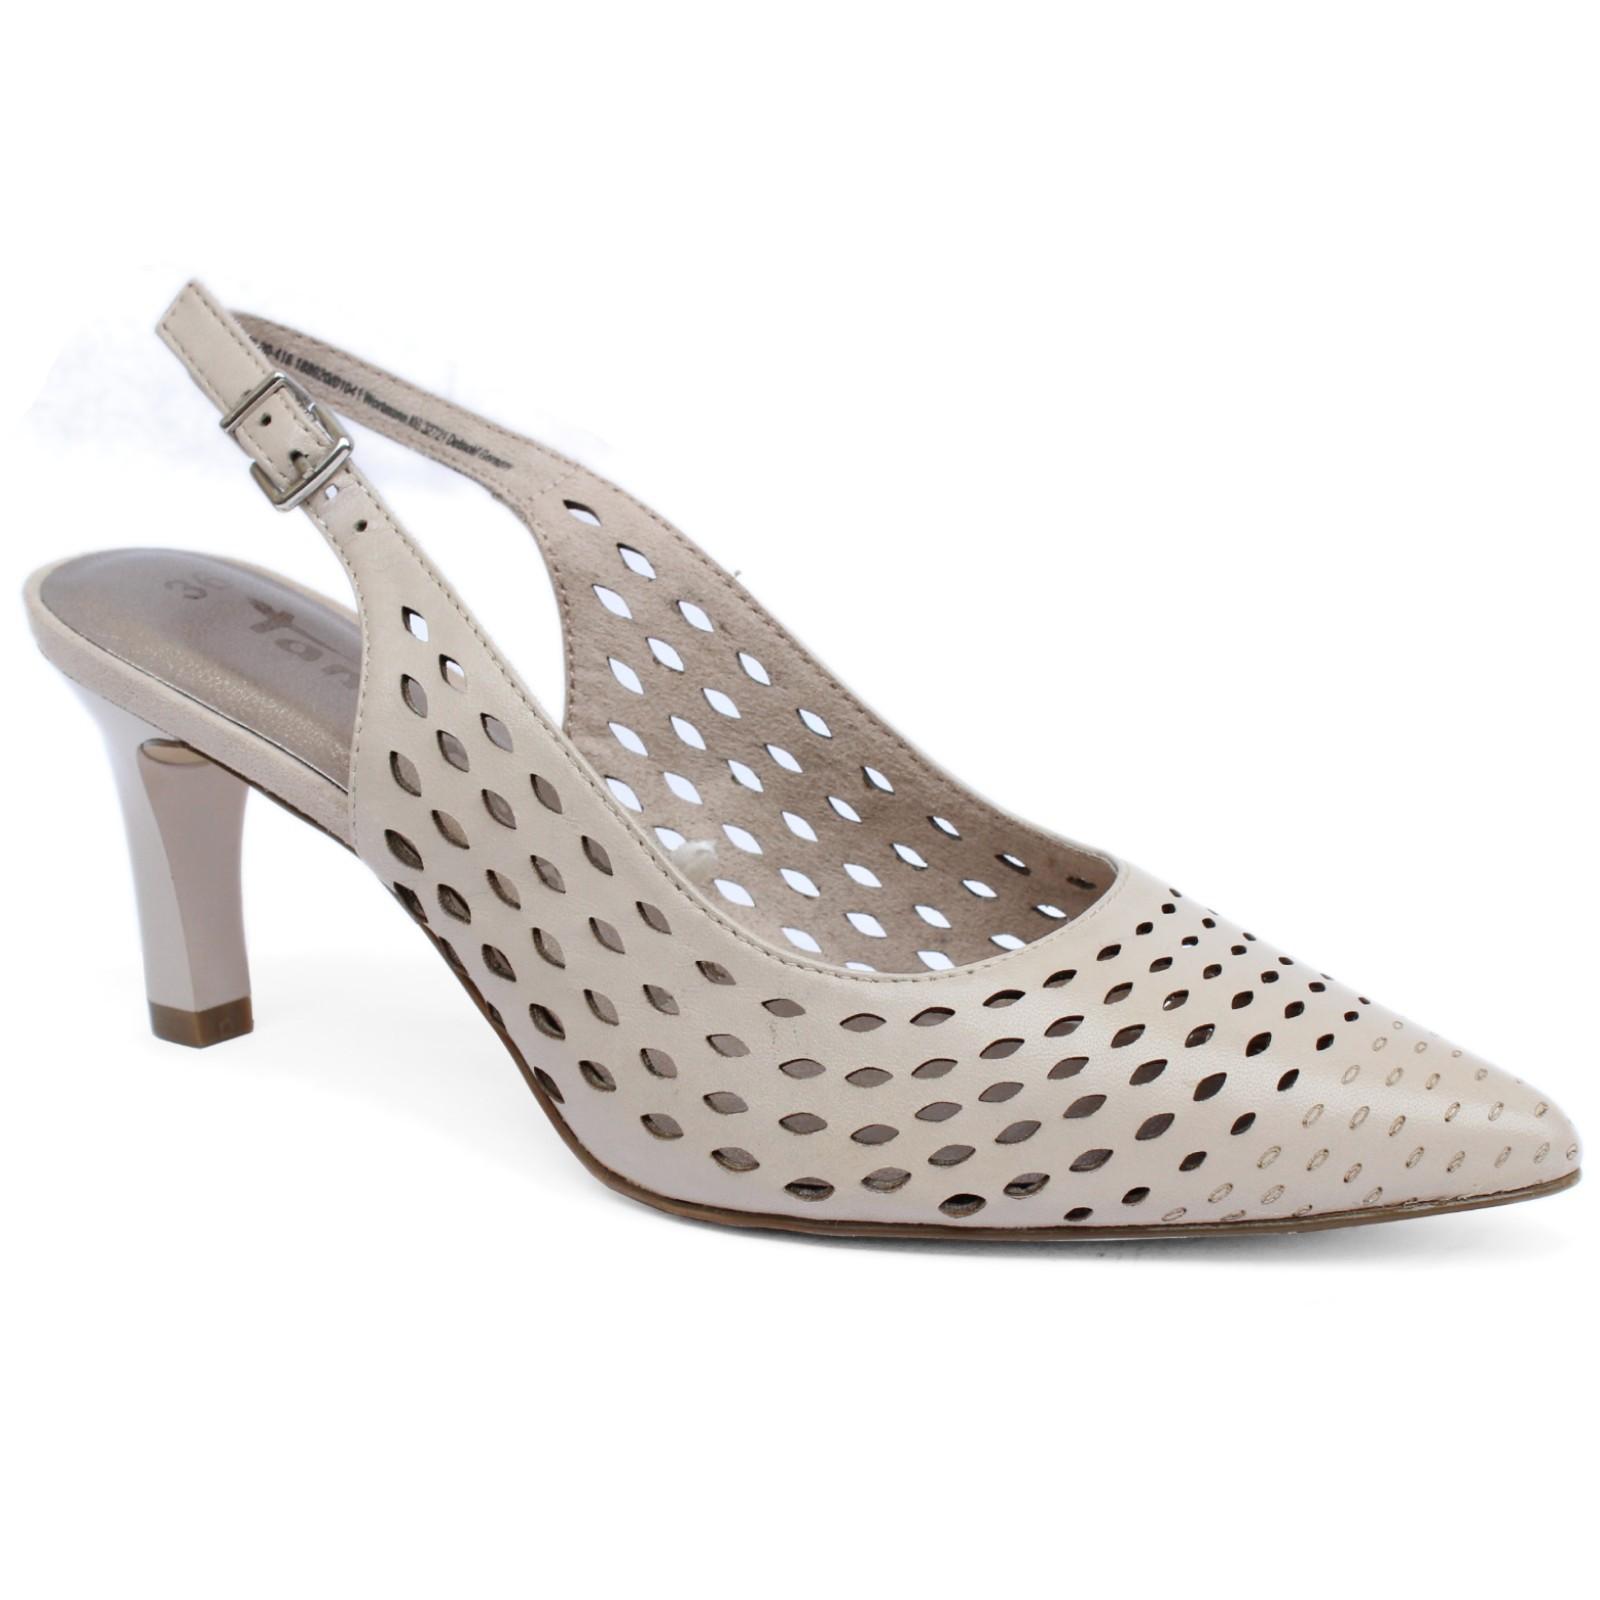 Női szling 418 20 cipő 29606 sling 04361 hátul női Tamaris nyitott xqECwI1Y